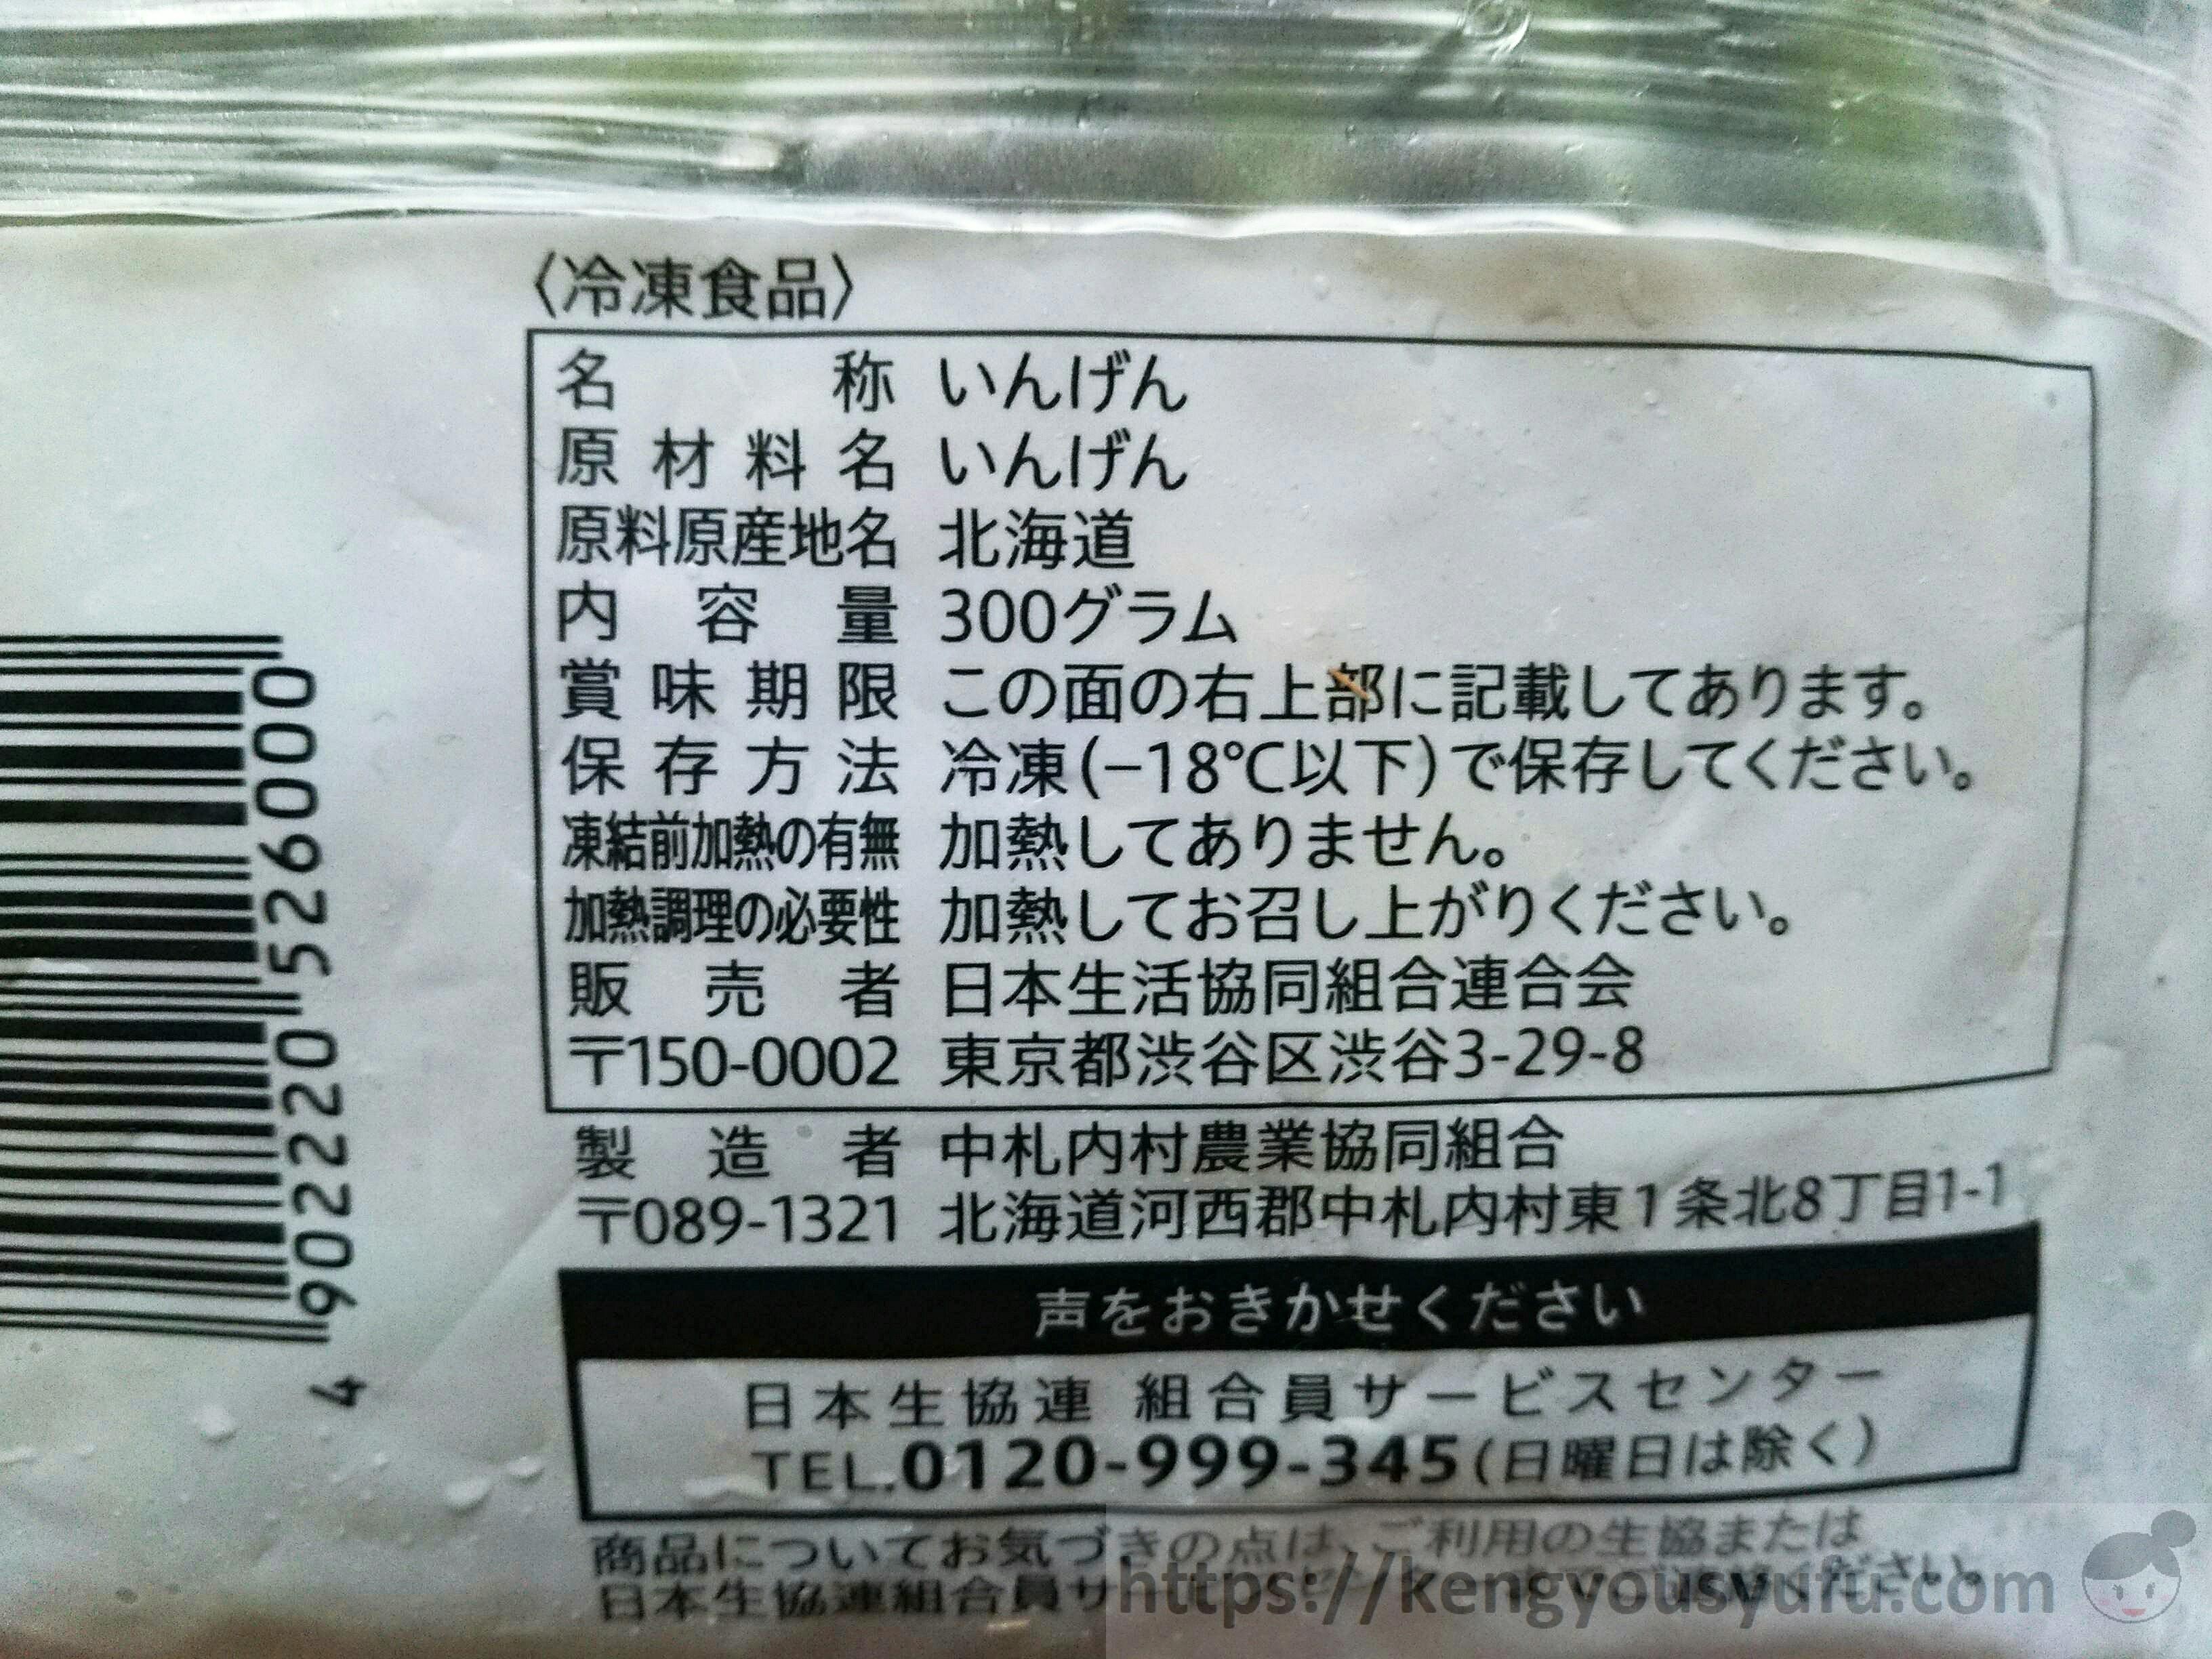 食材宅配コープデリ「北海道のいんげん」を使って色々作ってみました 原材料